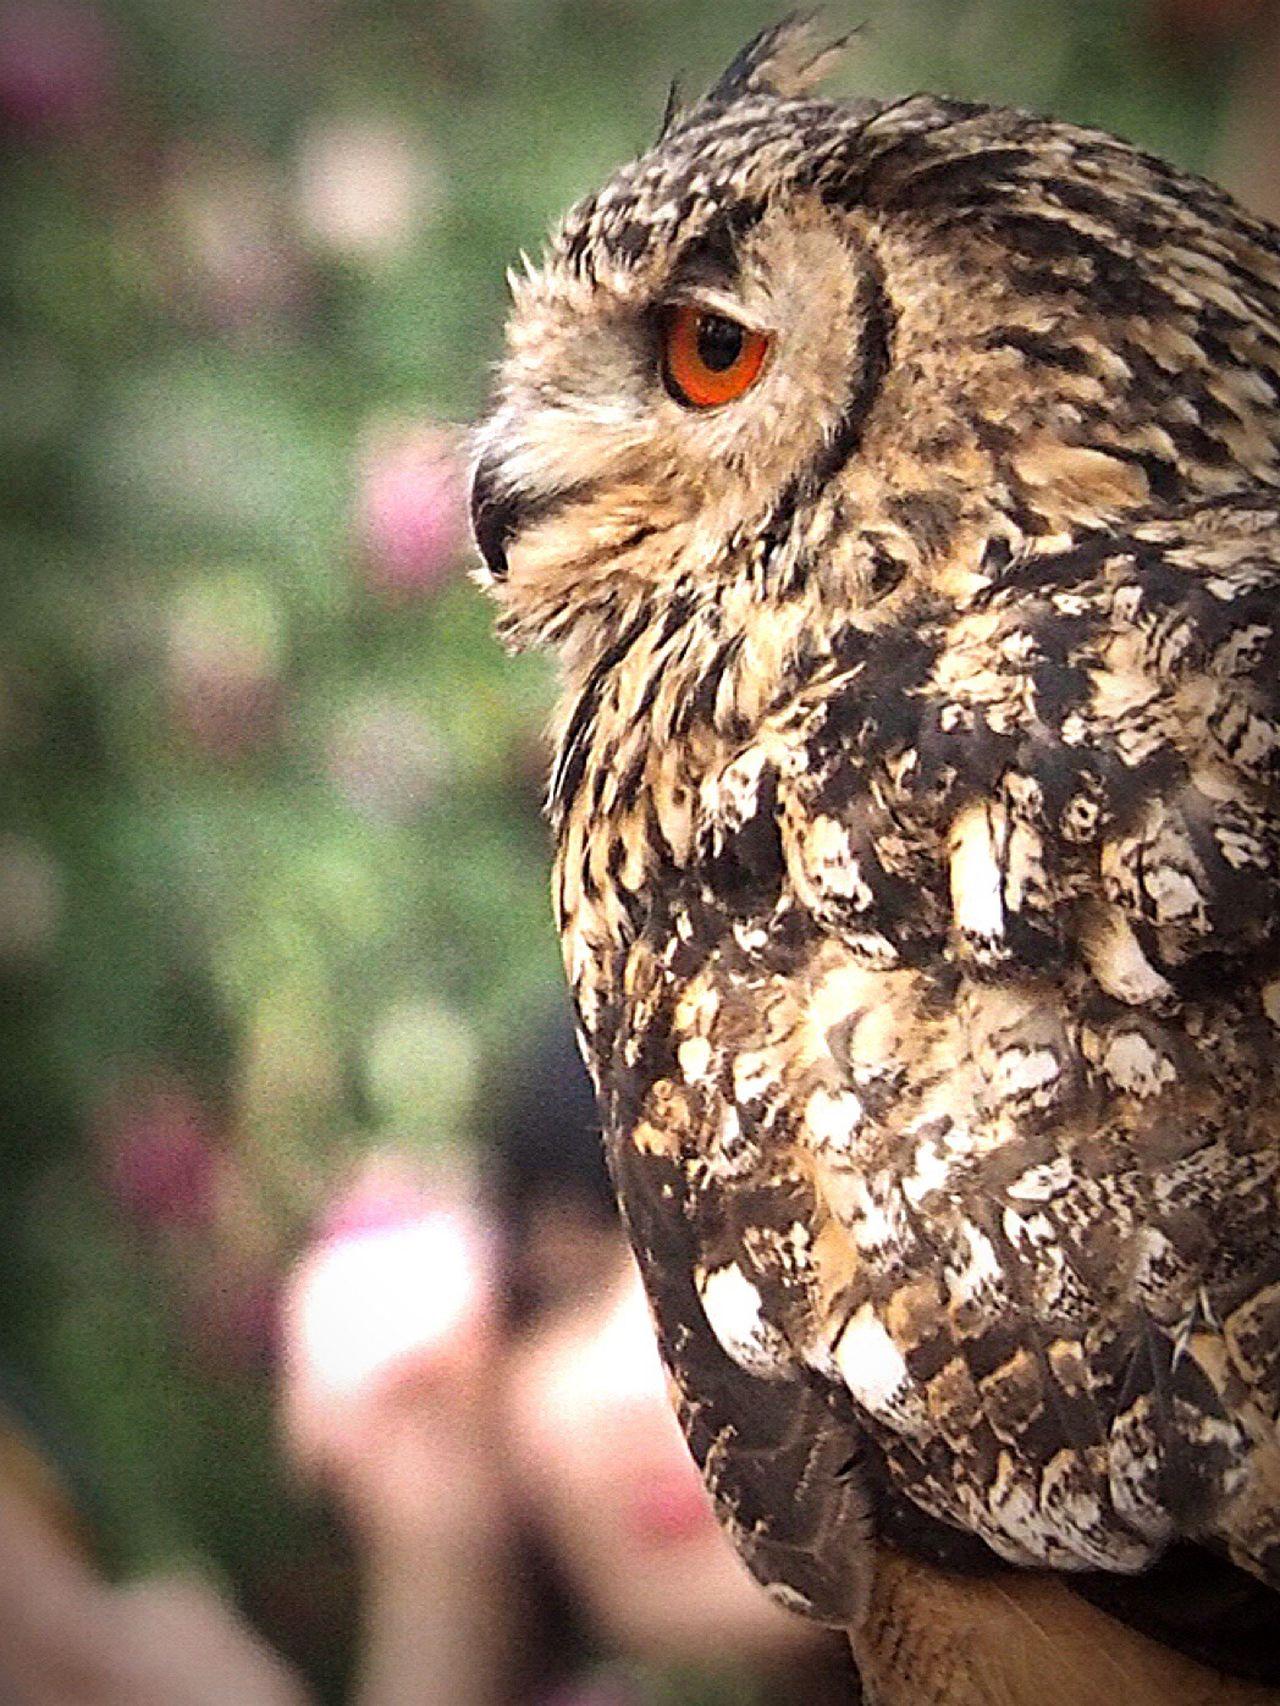 🦉💤この子も寝不足…😪💦 One Animal Bird Animals In The Wild Animal Themes Animal Wildlife Focus On Foreground Close-up Animal Body Part Bird Of Prey Animal Eye Owl Owl Eyes お昼食べたら、ネムネム…😪💨💨